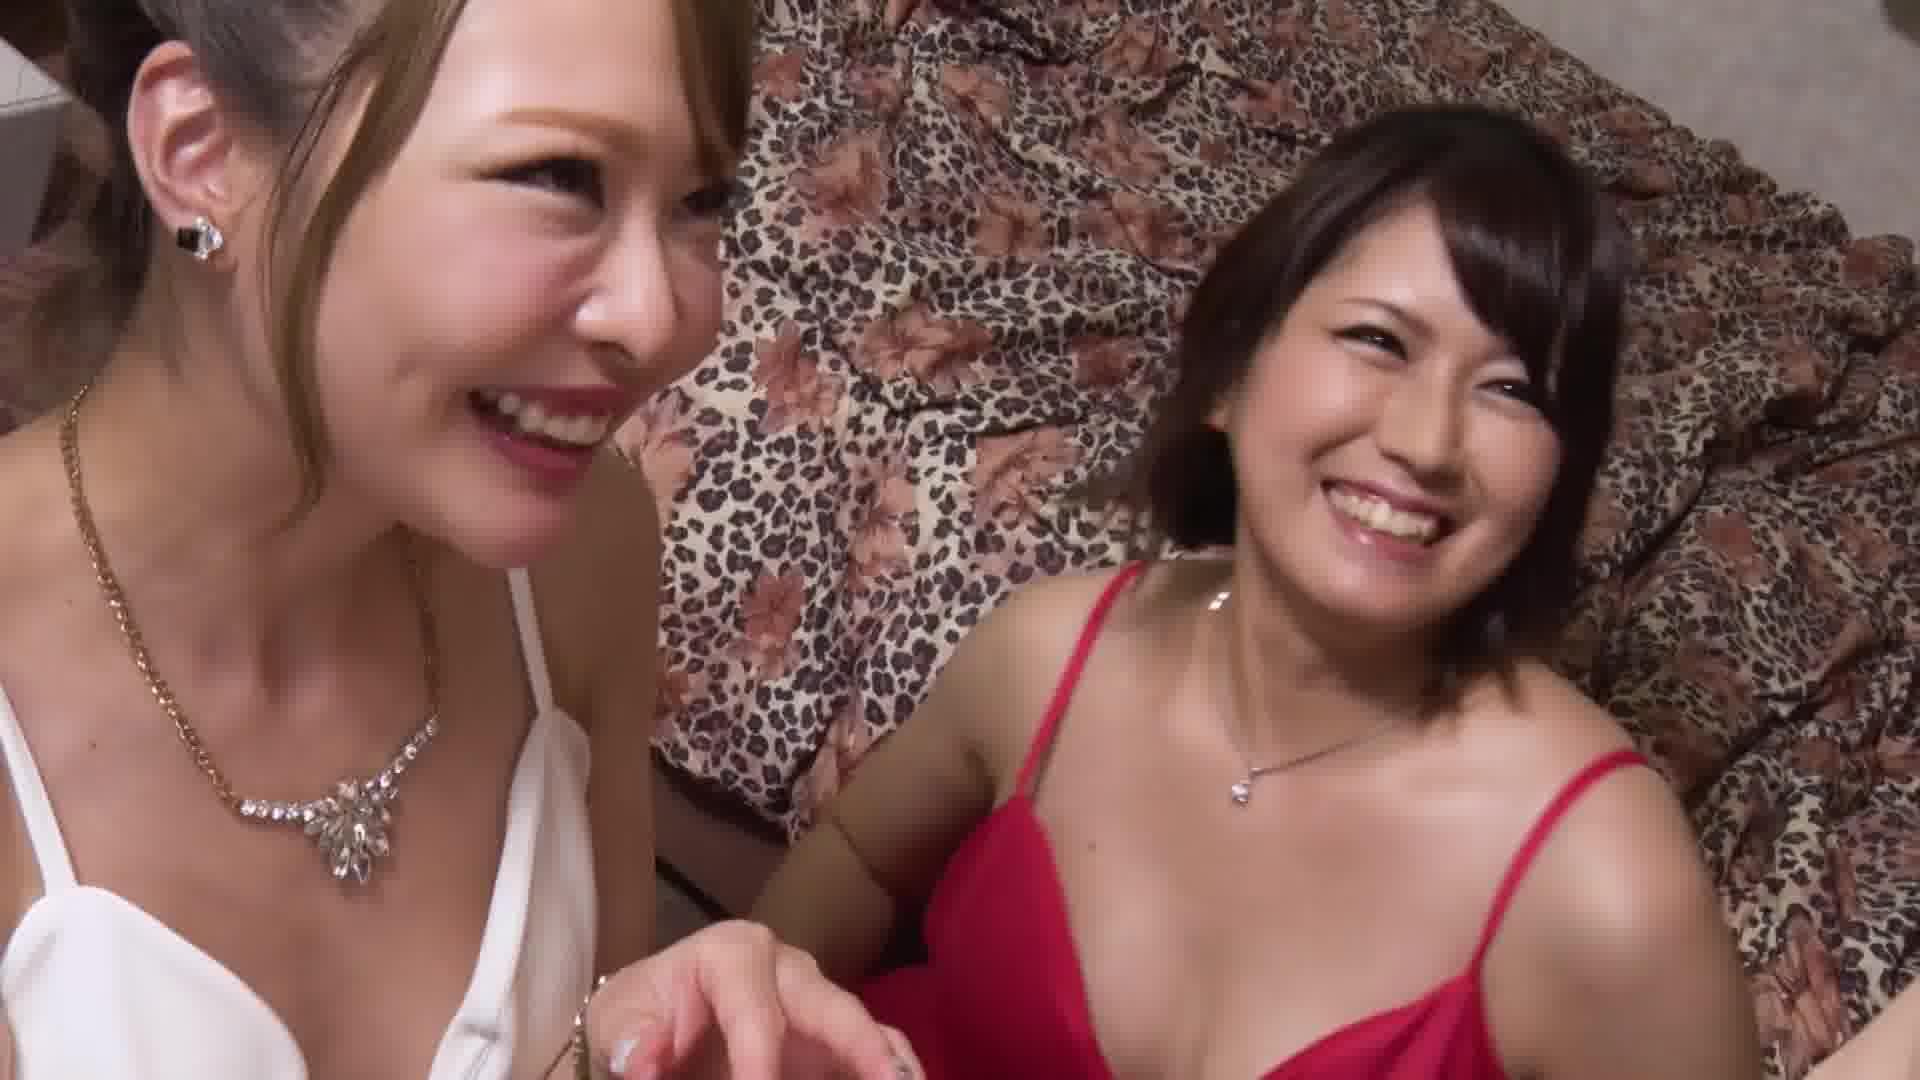 蝶が如く ~ピンク通りの二輪車ソープランド16~ - 朝比奈菜々子【3P・レズ・潮吹き】